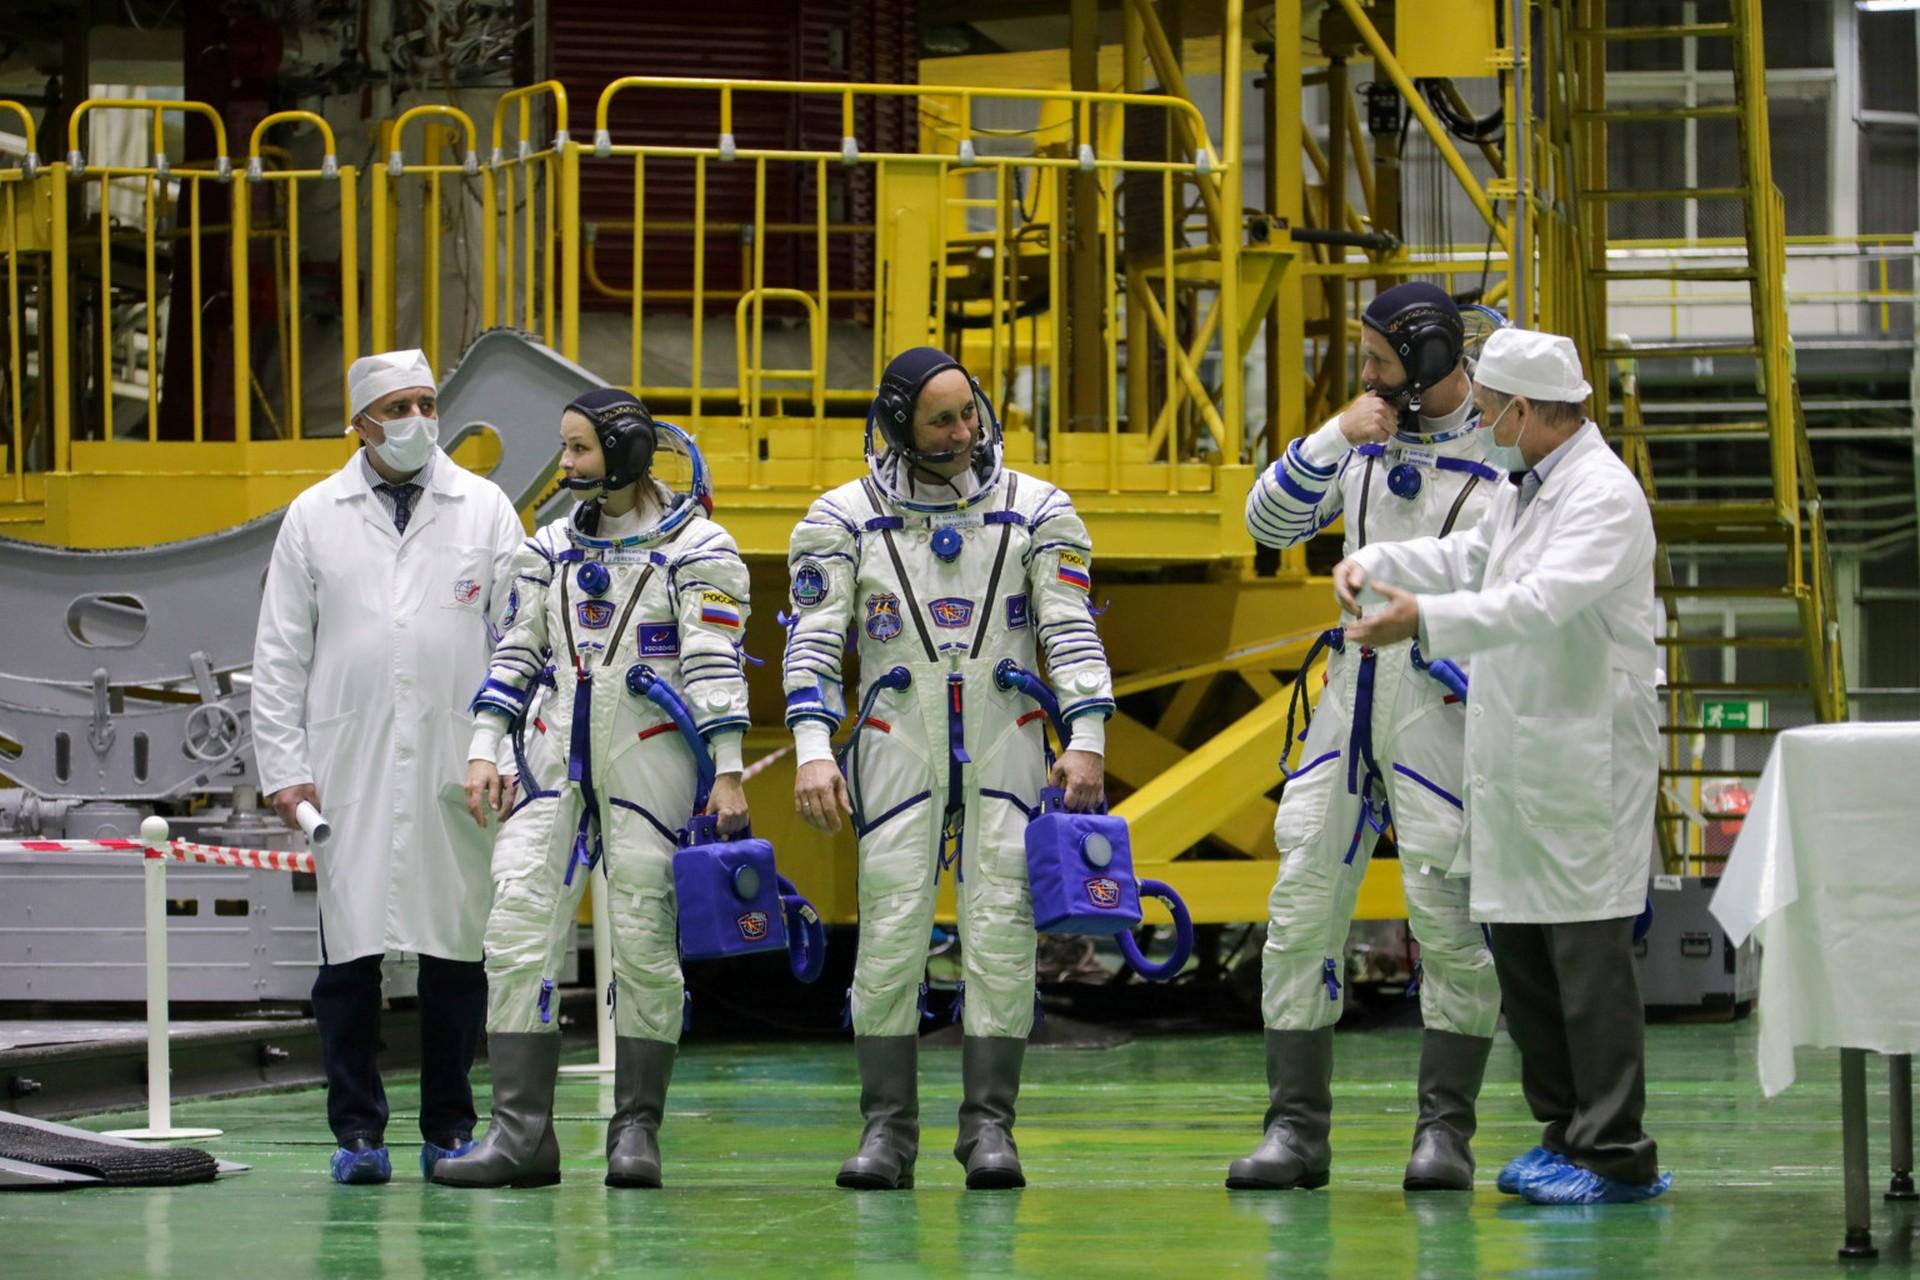 Первый день тренировочных занятий на космодроме Байконур